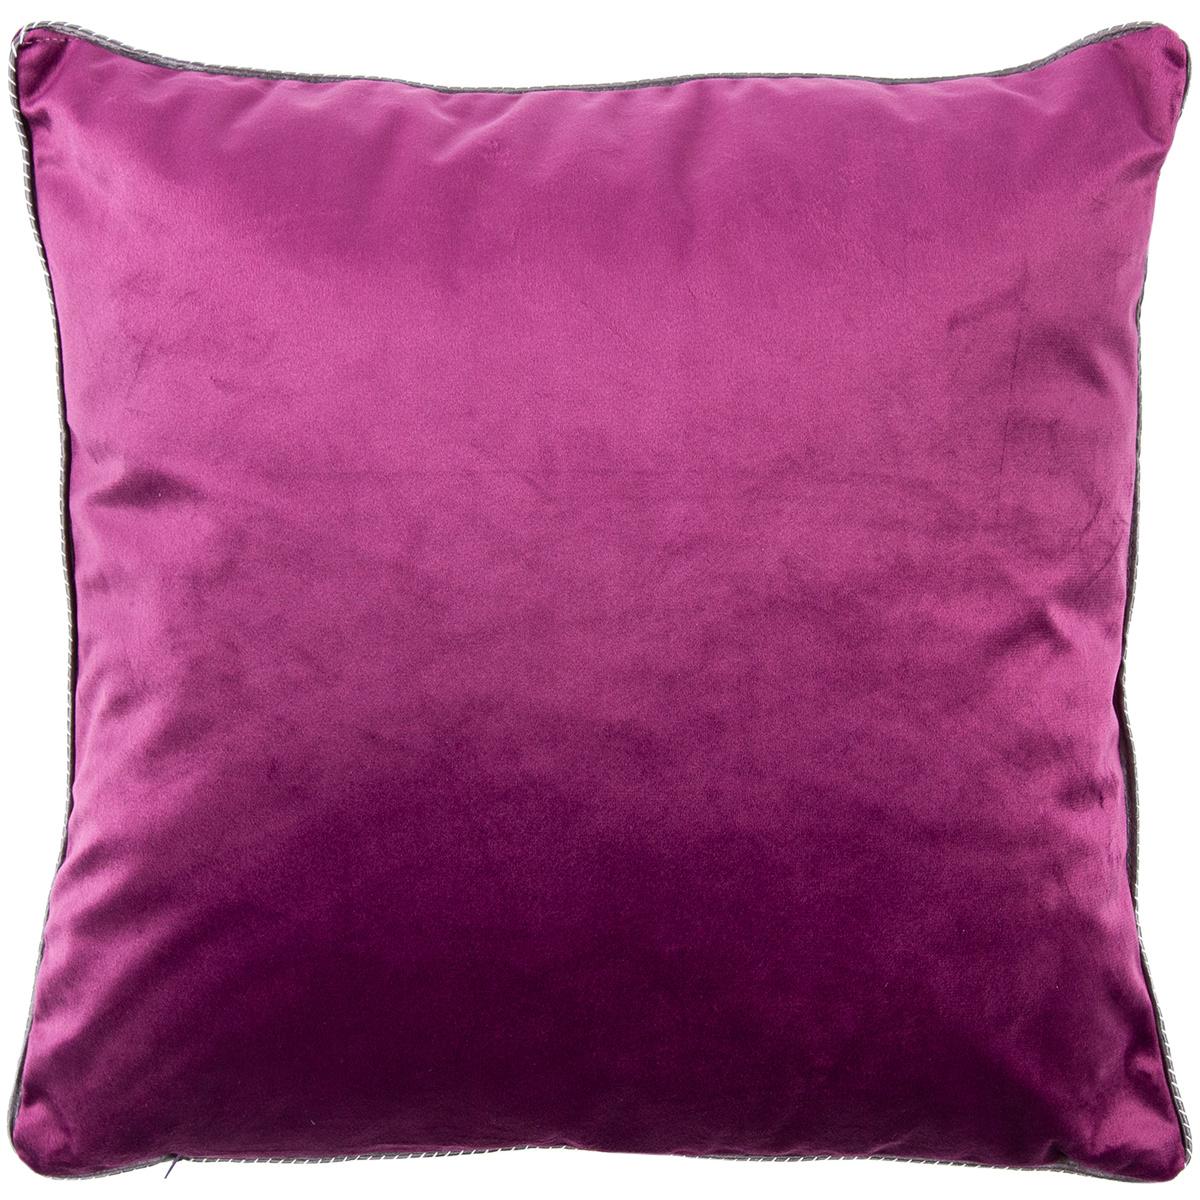 Domarex Polštář Glamour Velvet fialová, 40 x 40 cm